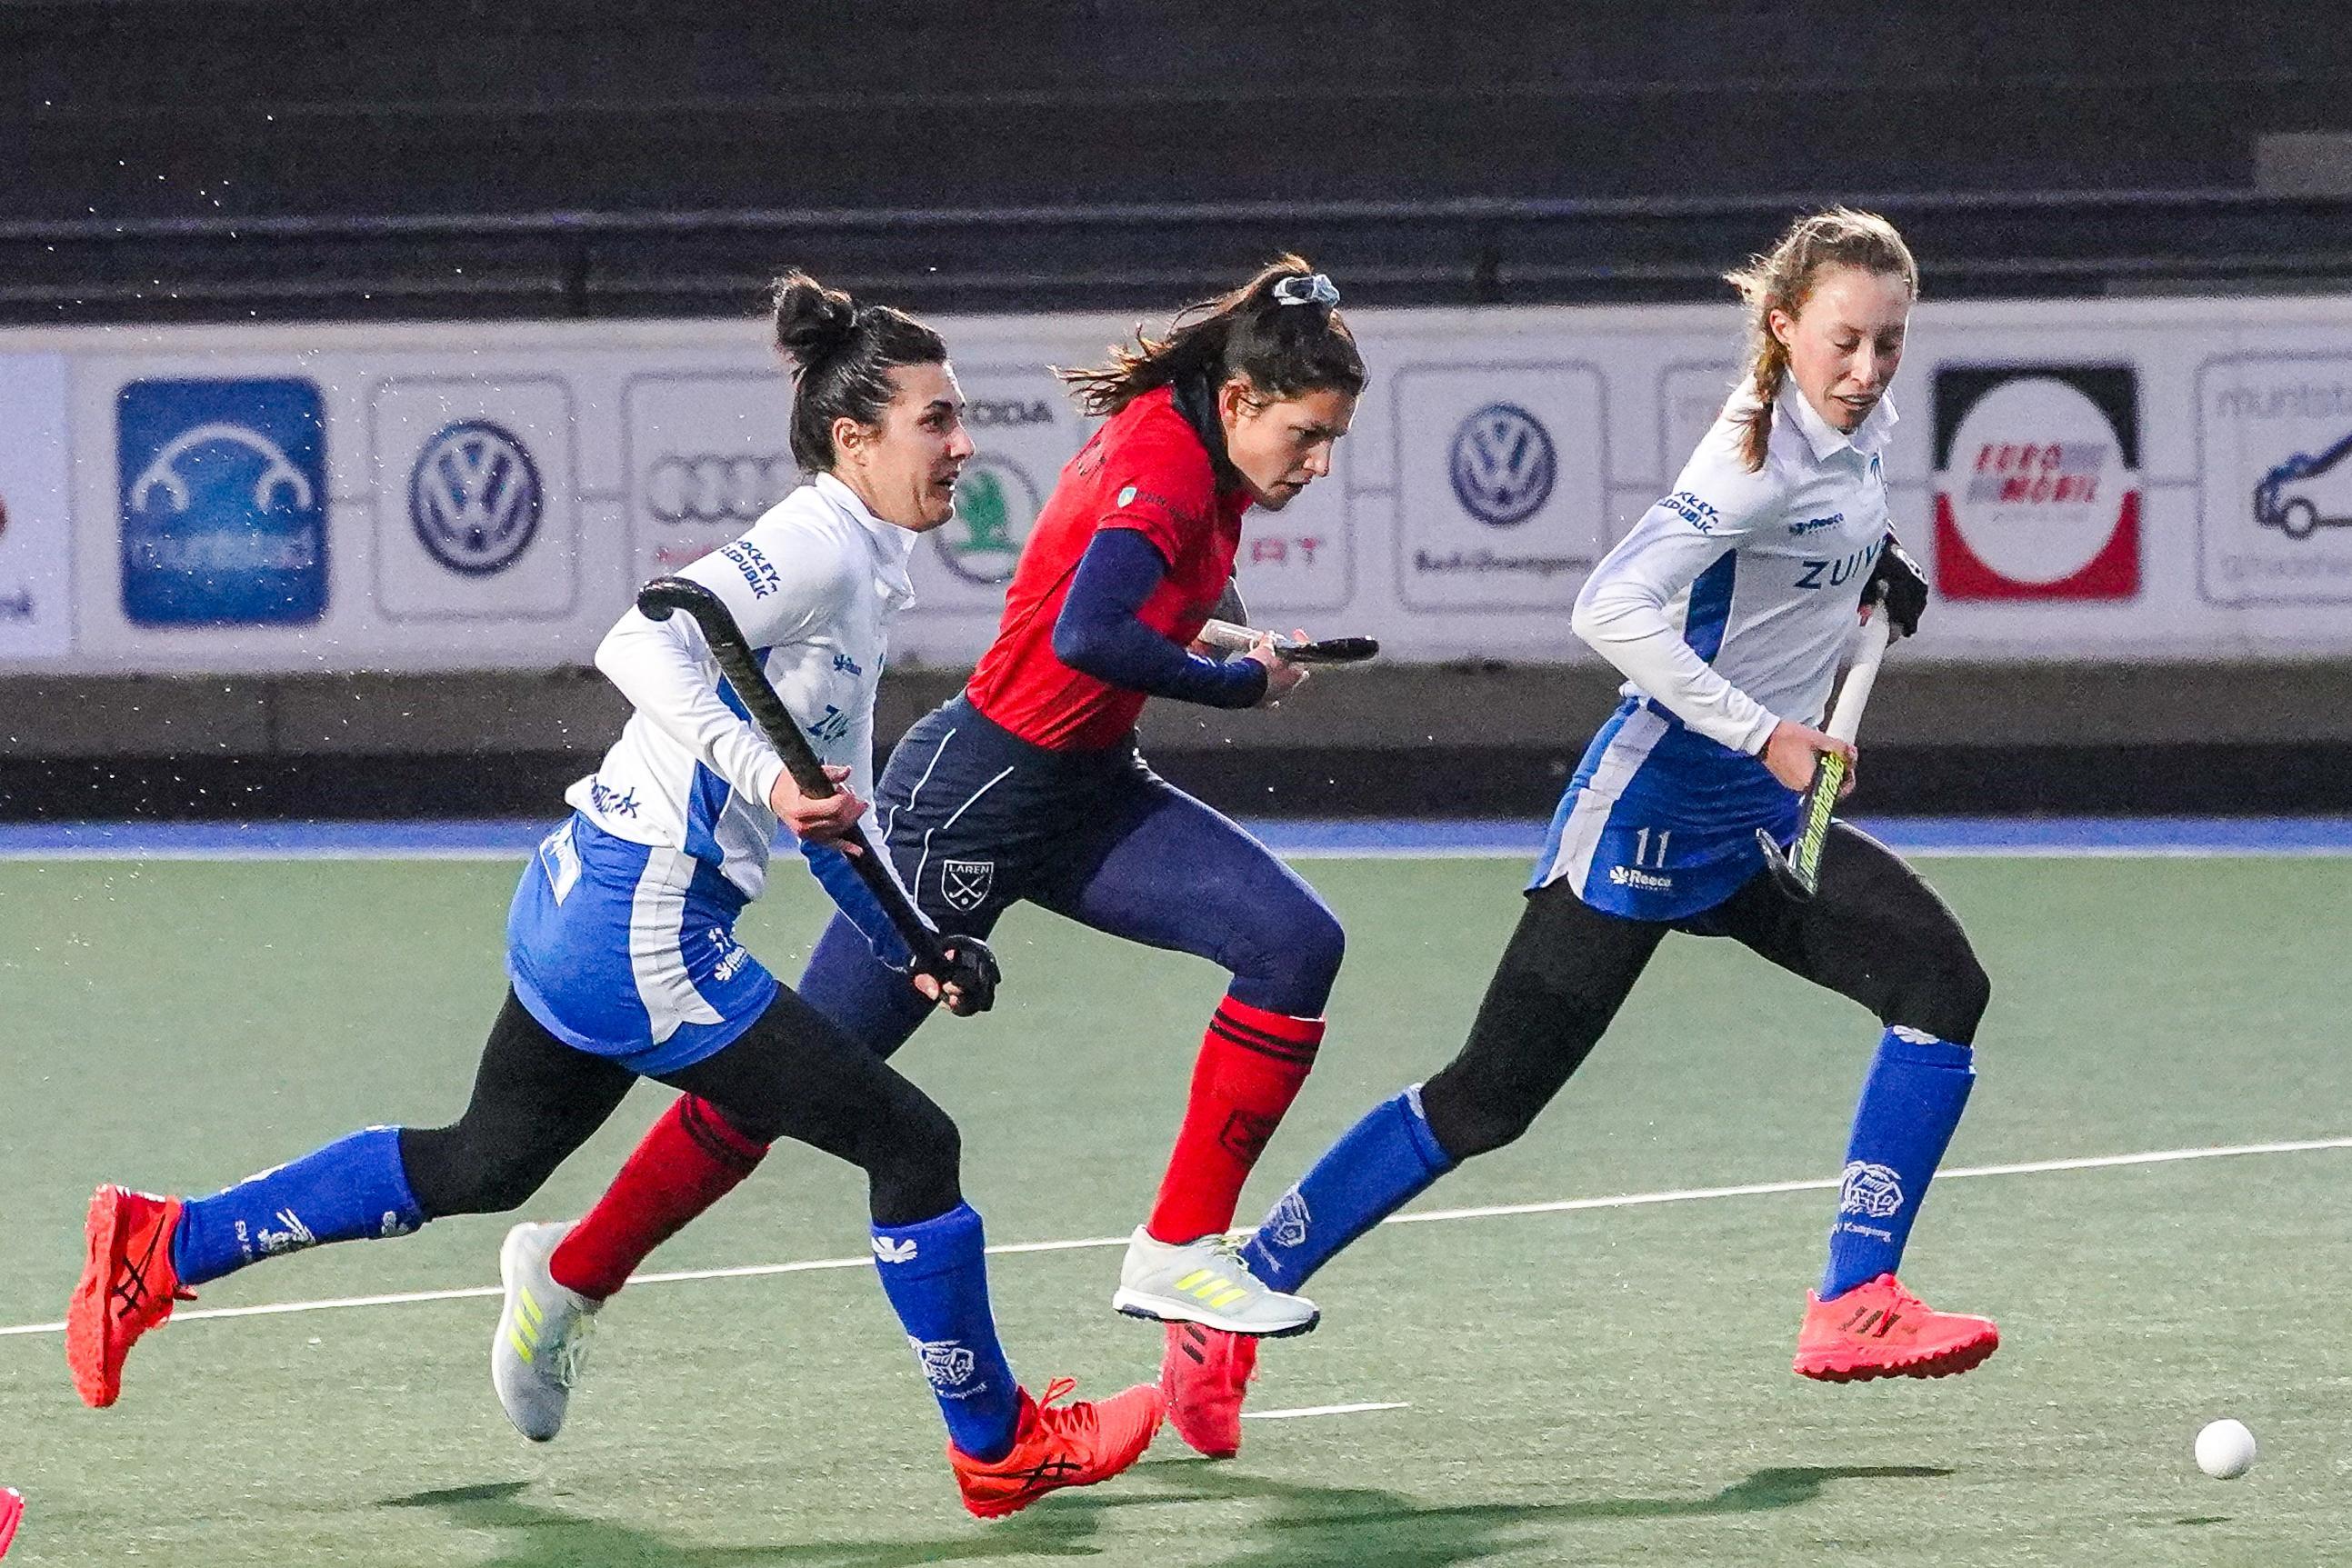 'Angstig' Laren valt uit elkaar tegen concurrent Kampong (4-0) en ziet hekkensluiter Victoria langszij komen in de hoofdklasse